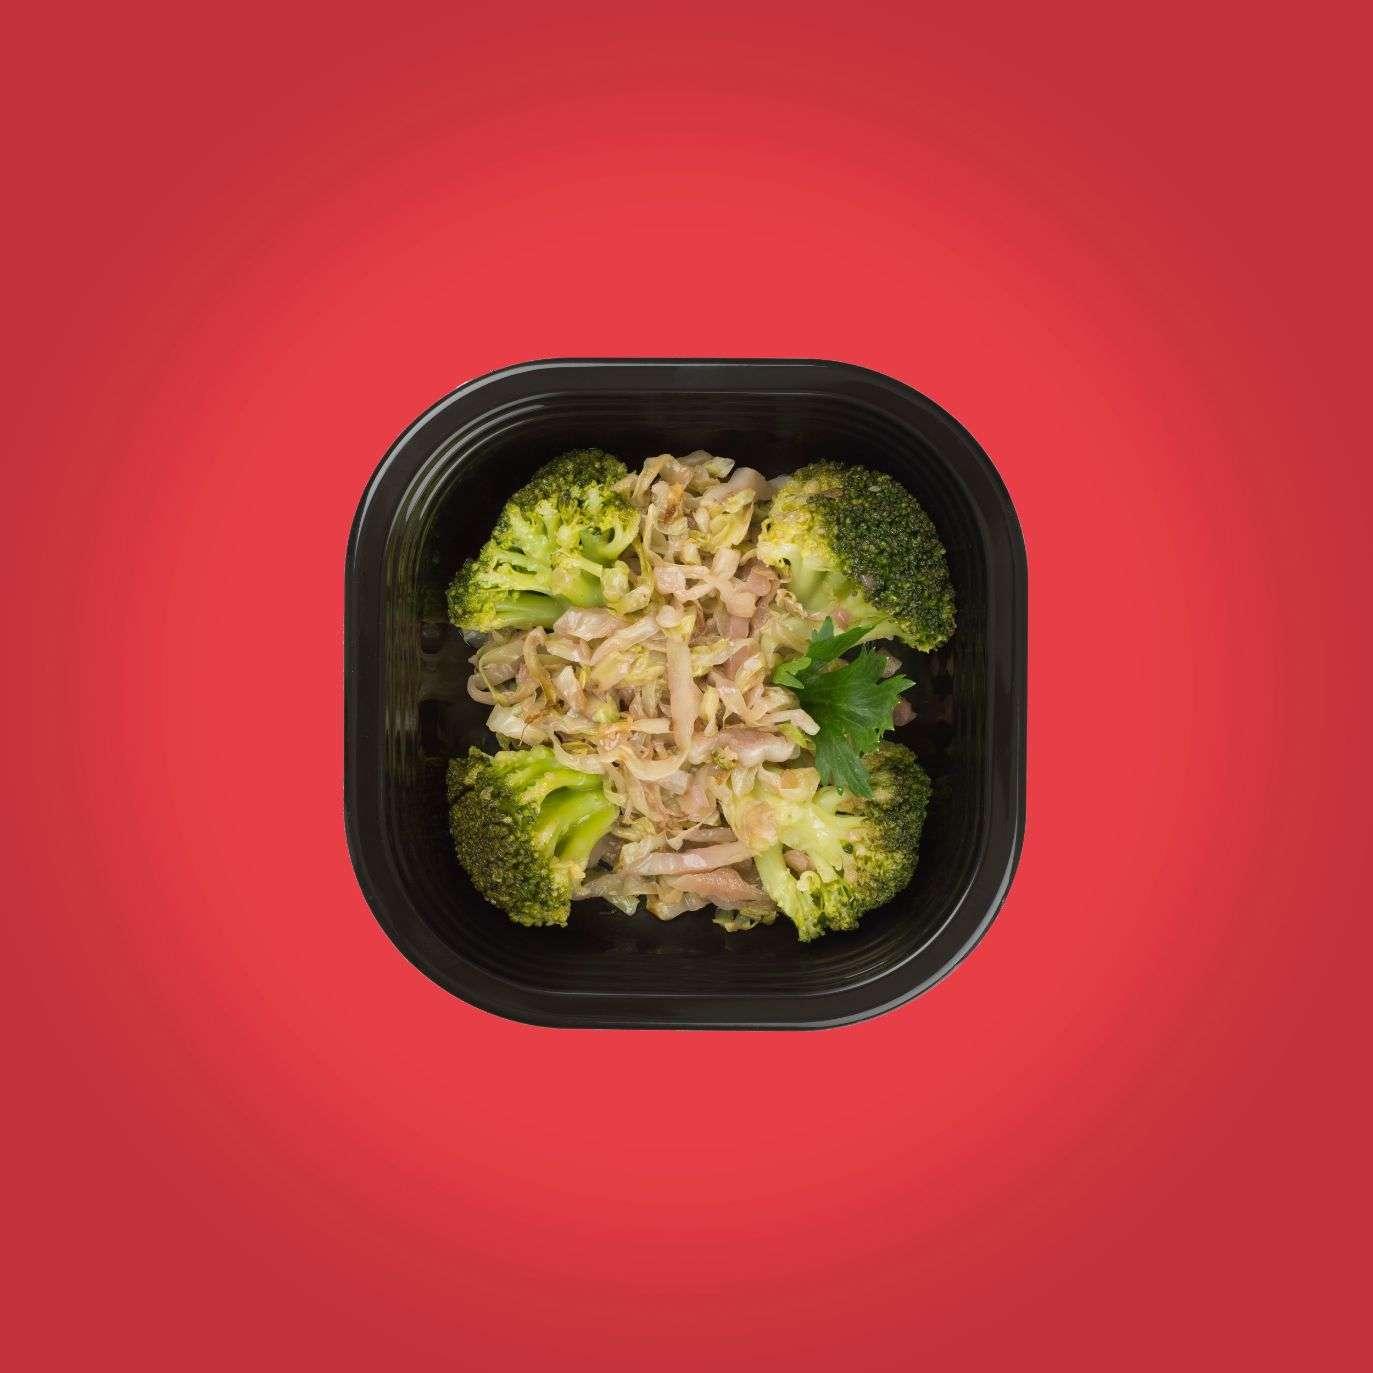 Broccoli e cavoli brasati al vino rosso piatti pronti a domicilio senza glutine